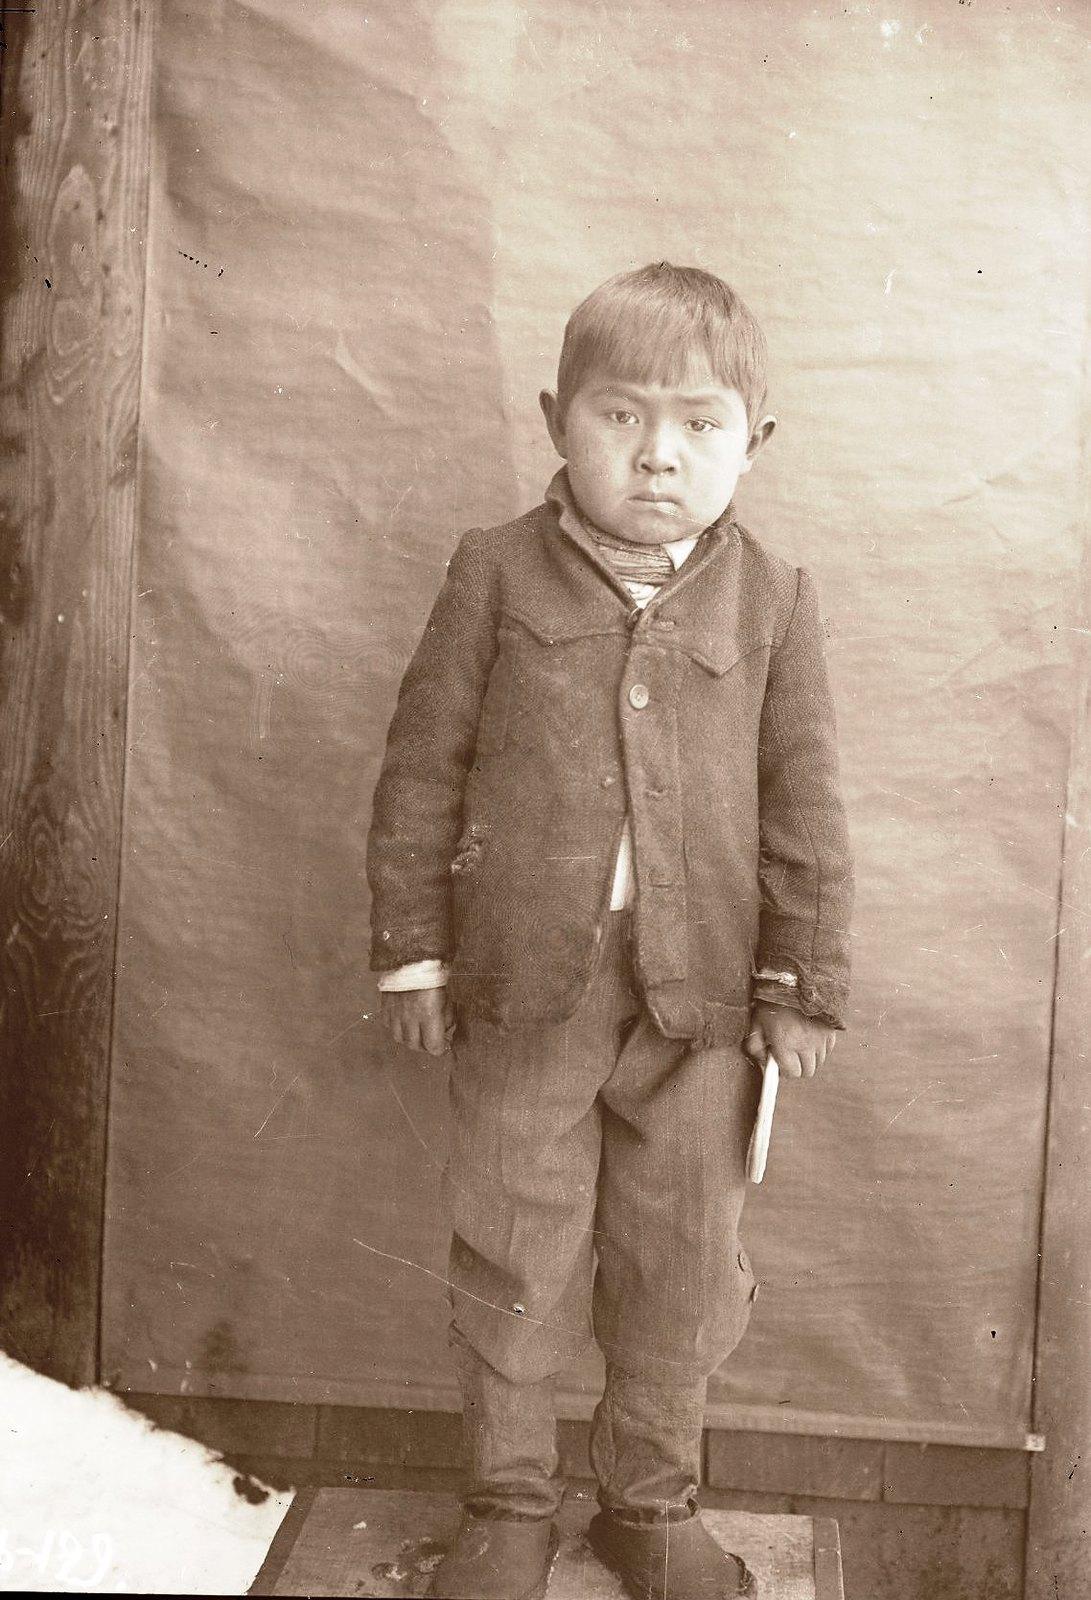 1909. 8 апреля. Алексей Черкашин 4-5 лет. Алеутские острова, Умнак остров